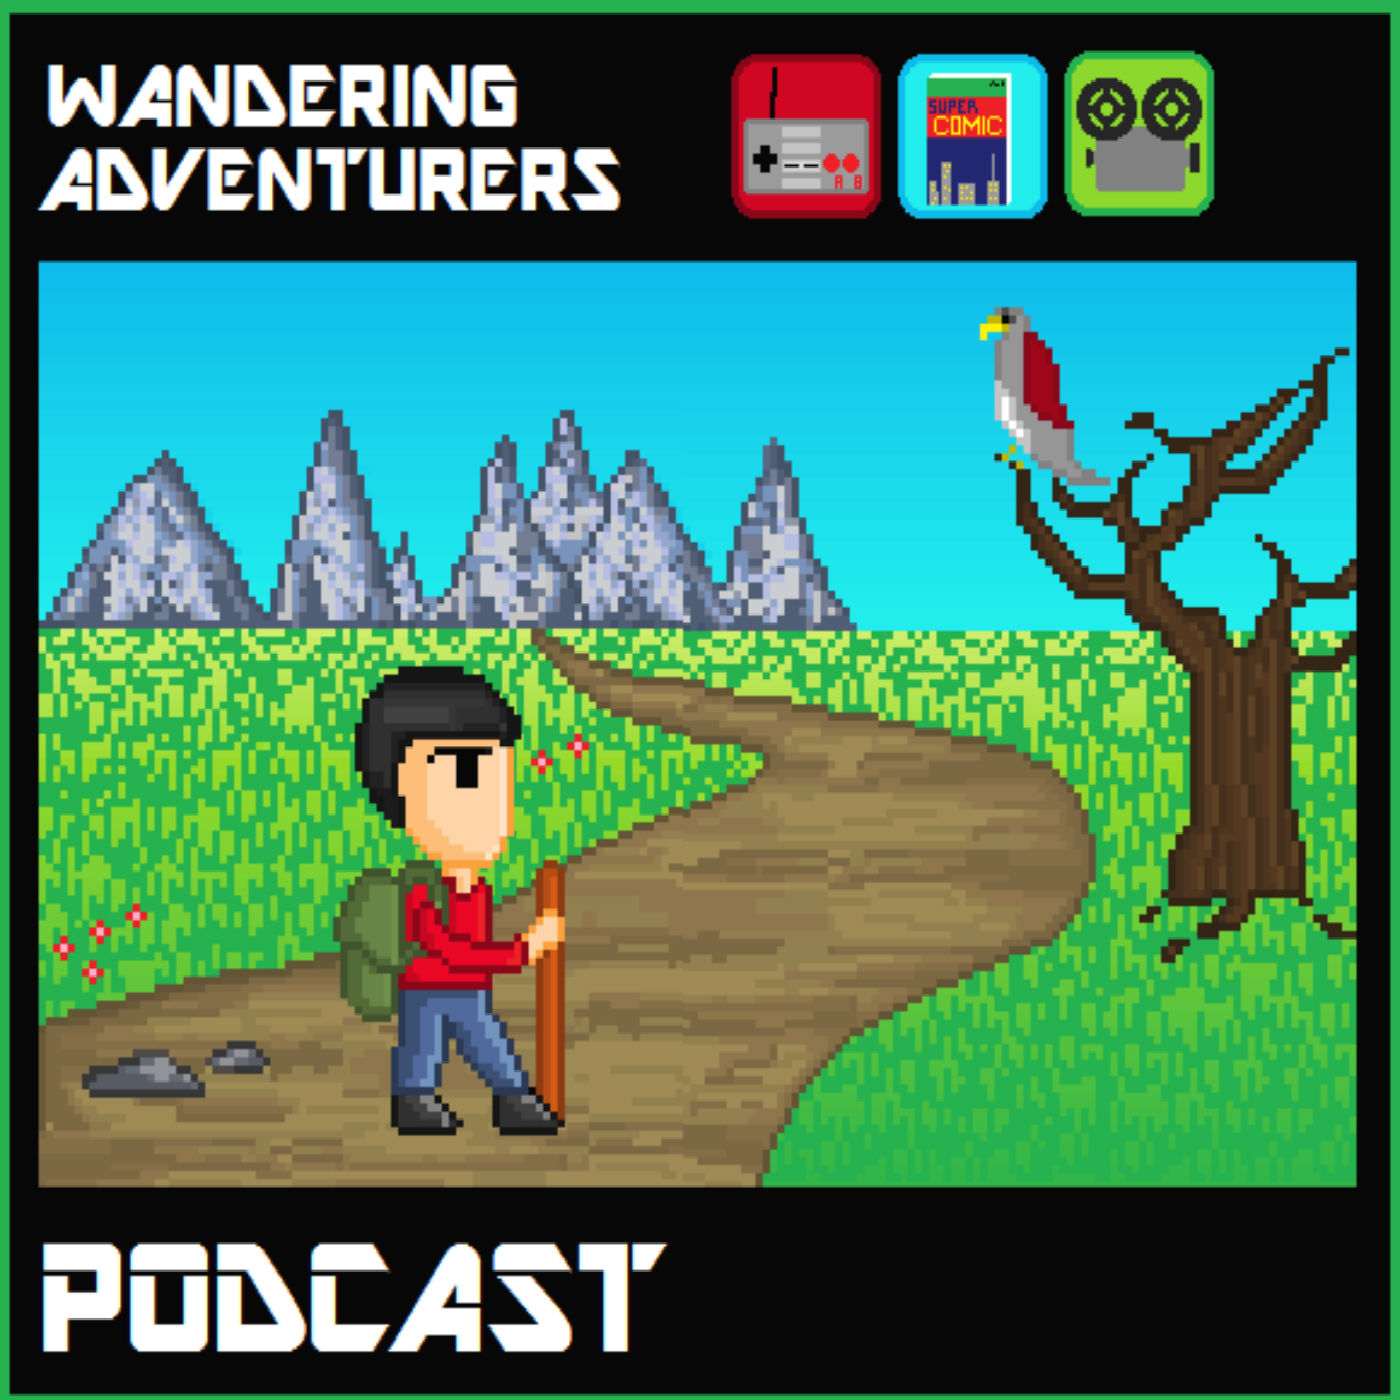 Wandering Adventurers